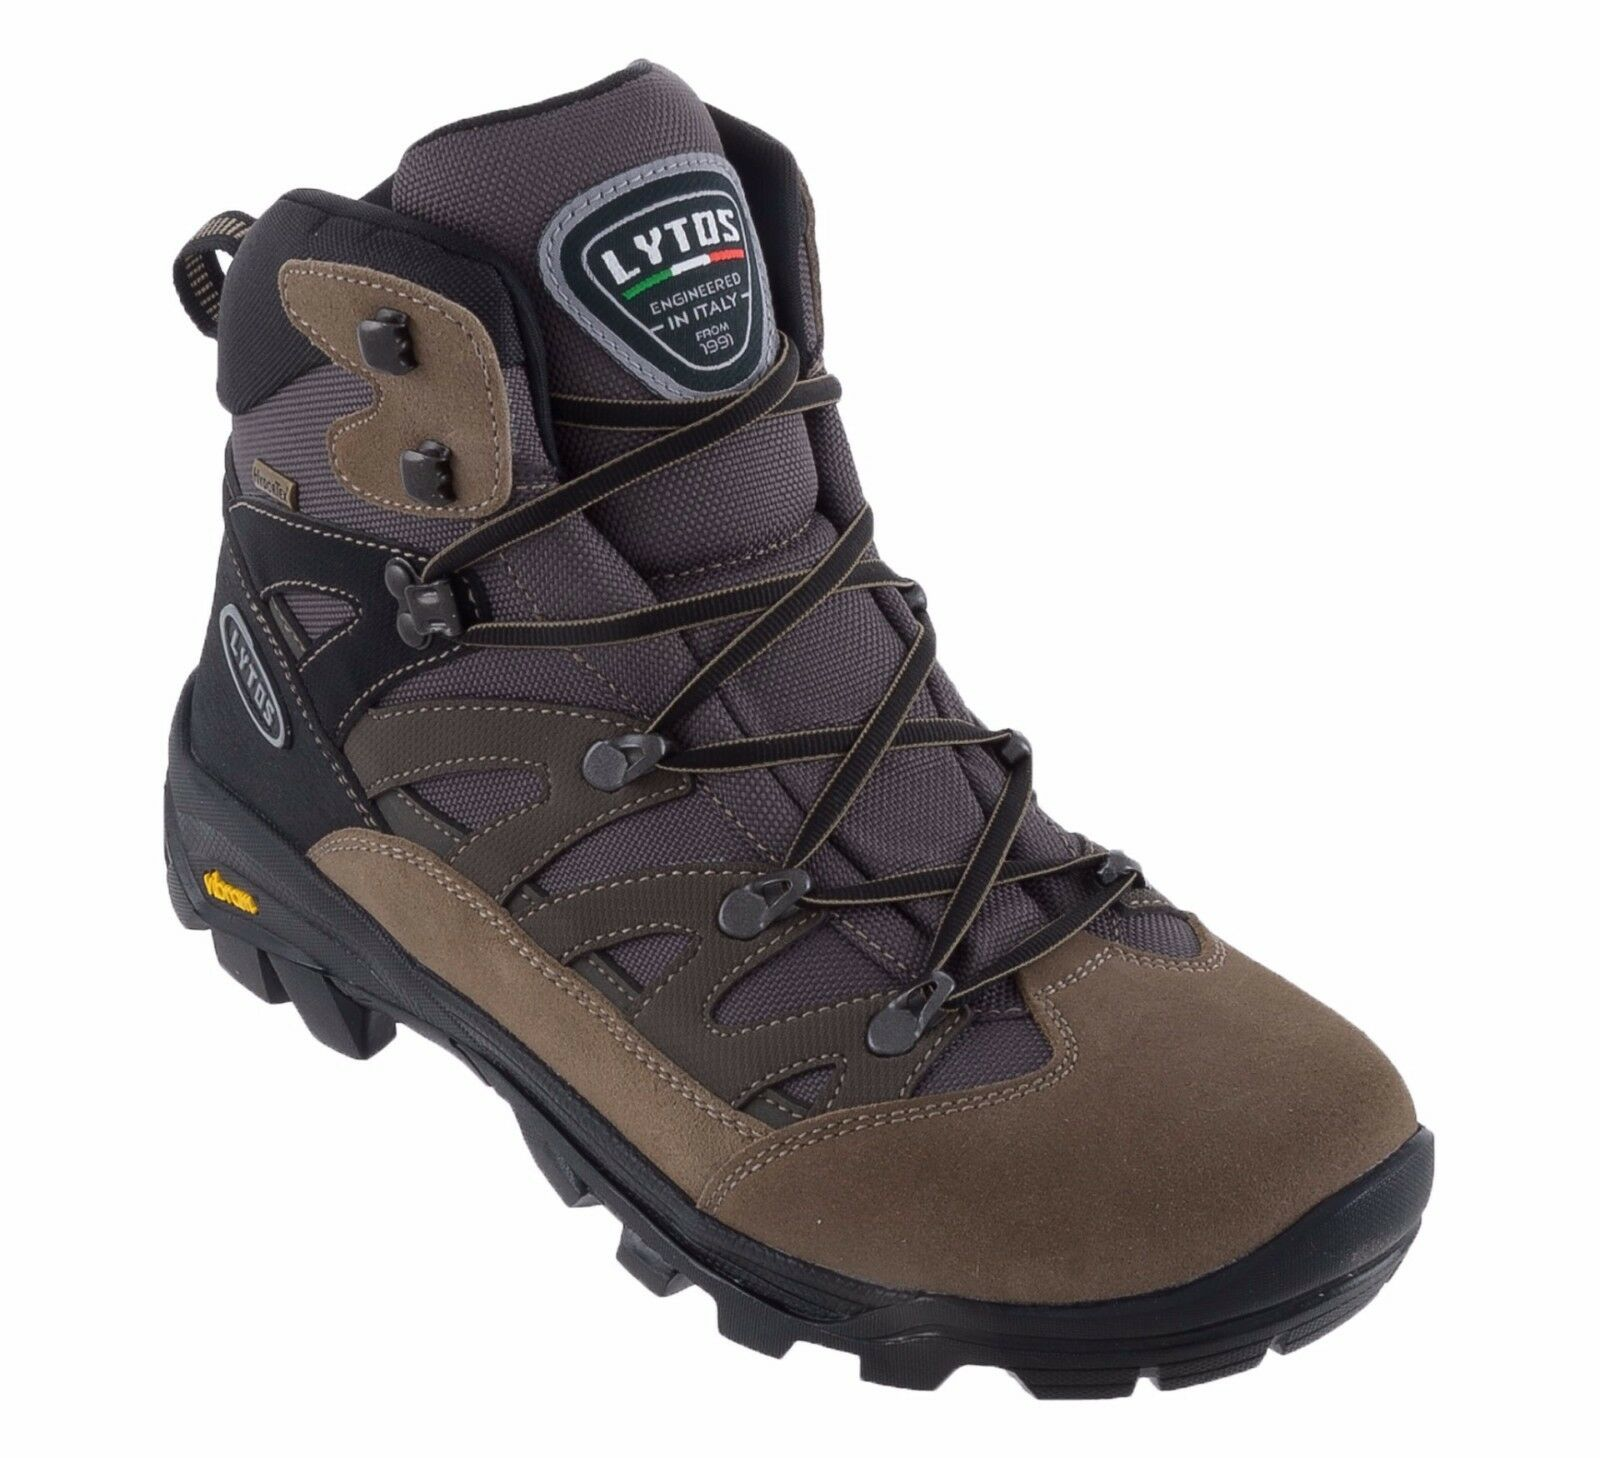 LYTOS Eiger uomo 27 stucco/antracite scarpe trekking uomo Eiger mens shoes cod.88894/27ITA 94f4f1